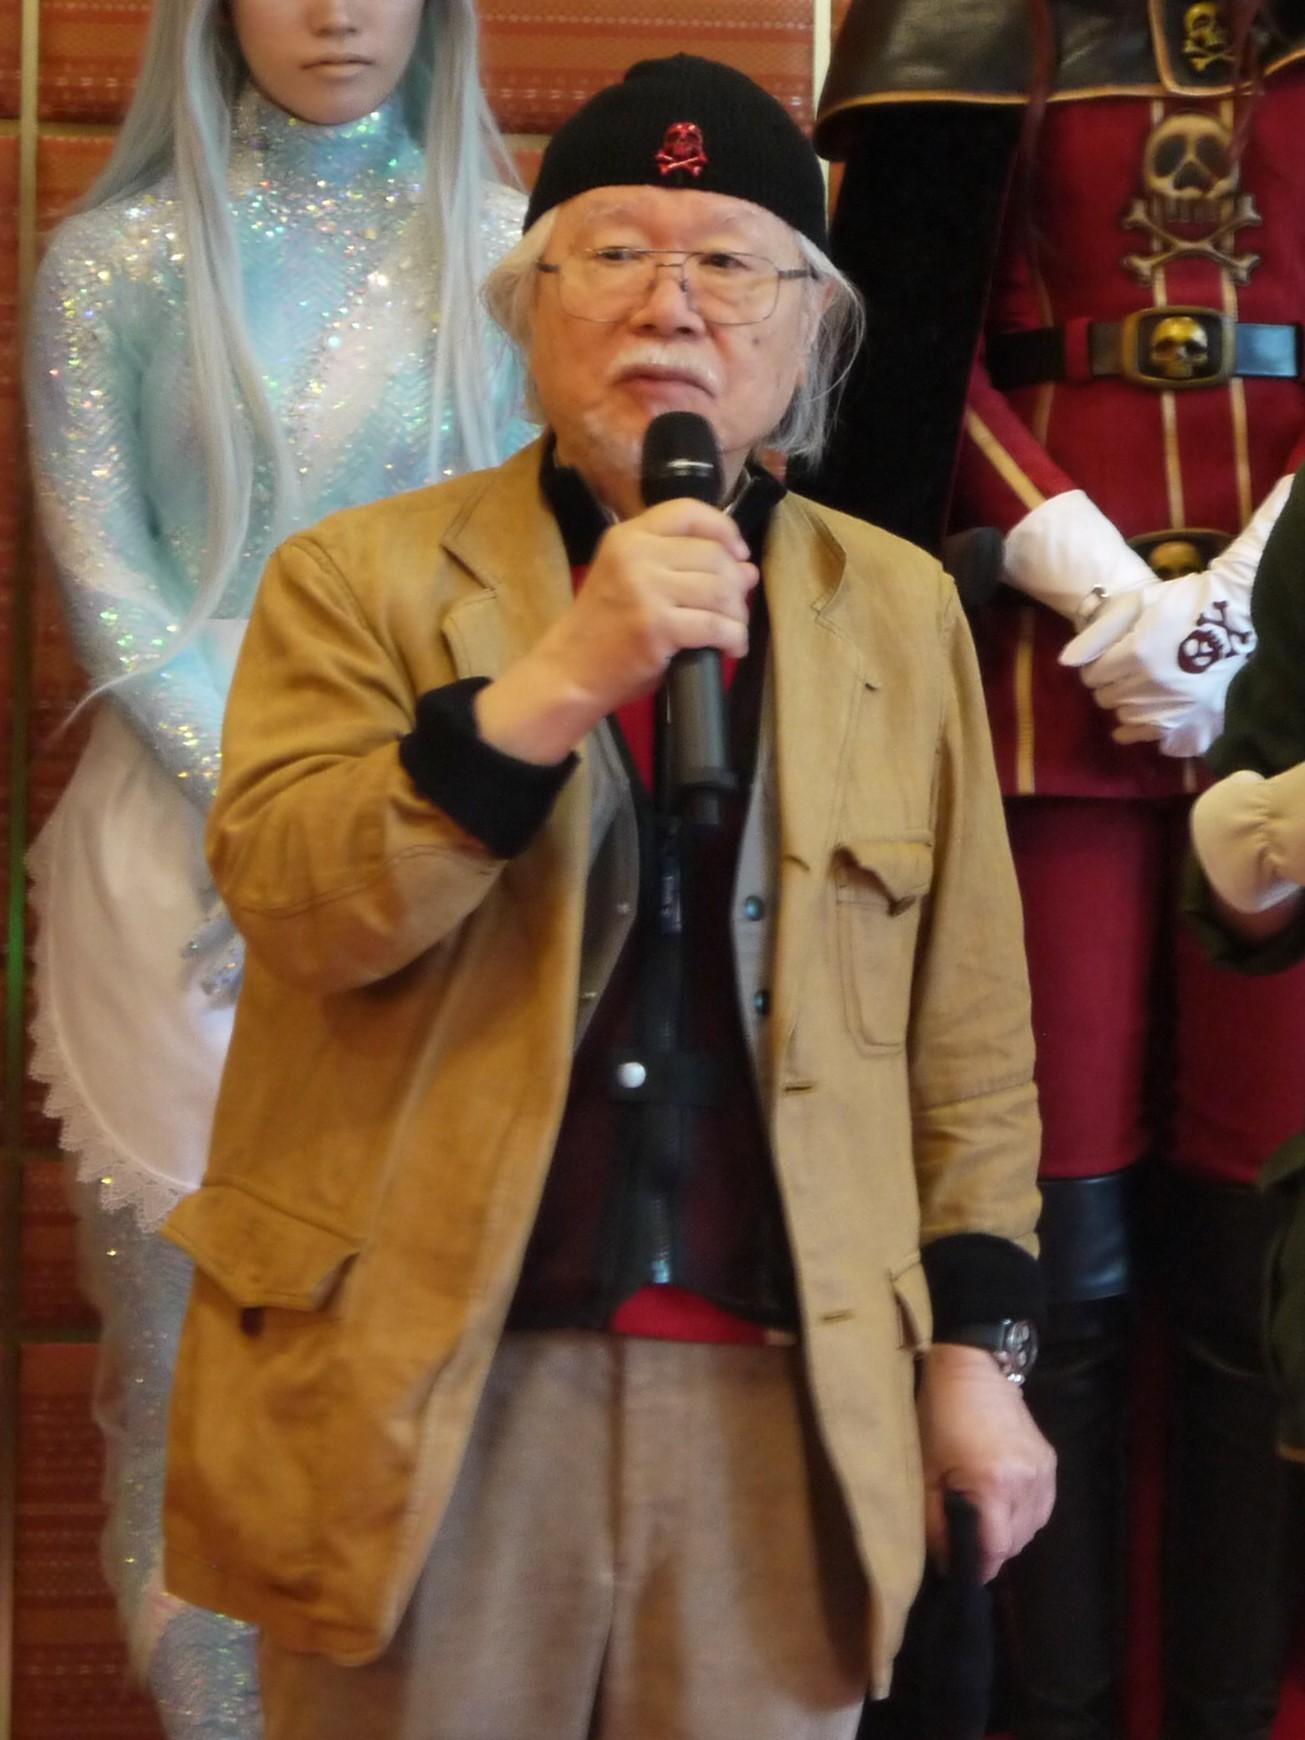 プレゼントされた赤いドクロマークのキャップを被る松本零士